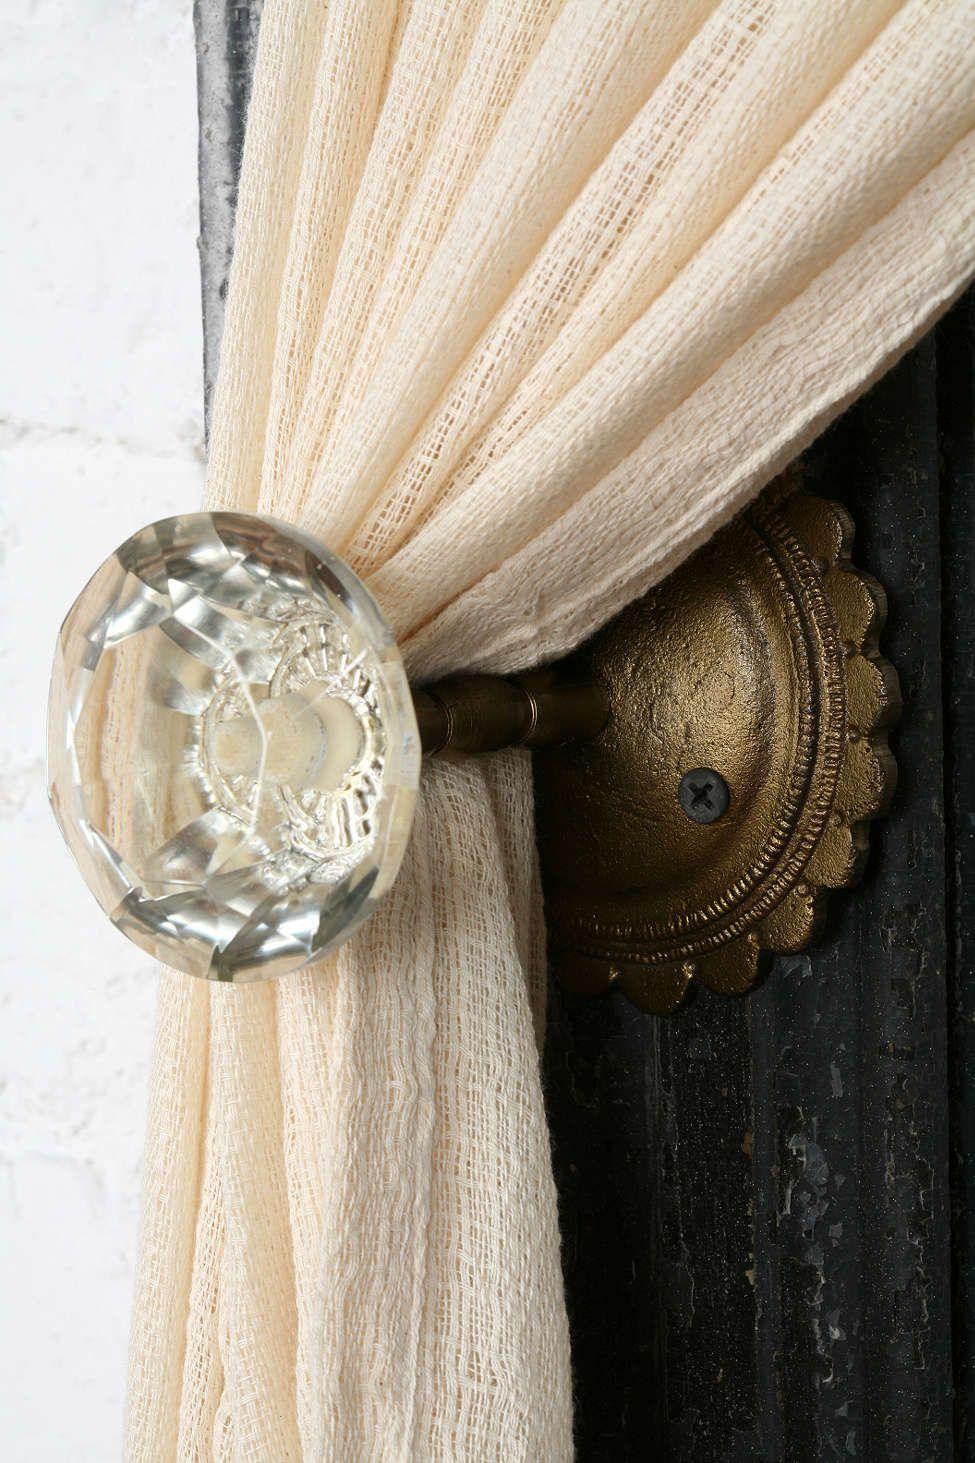 Embrase De Rideau avec embrasse de rideau poignée de porte | petit detail a découvrir